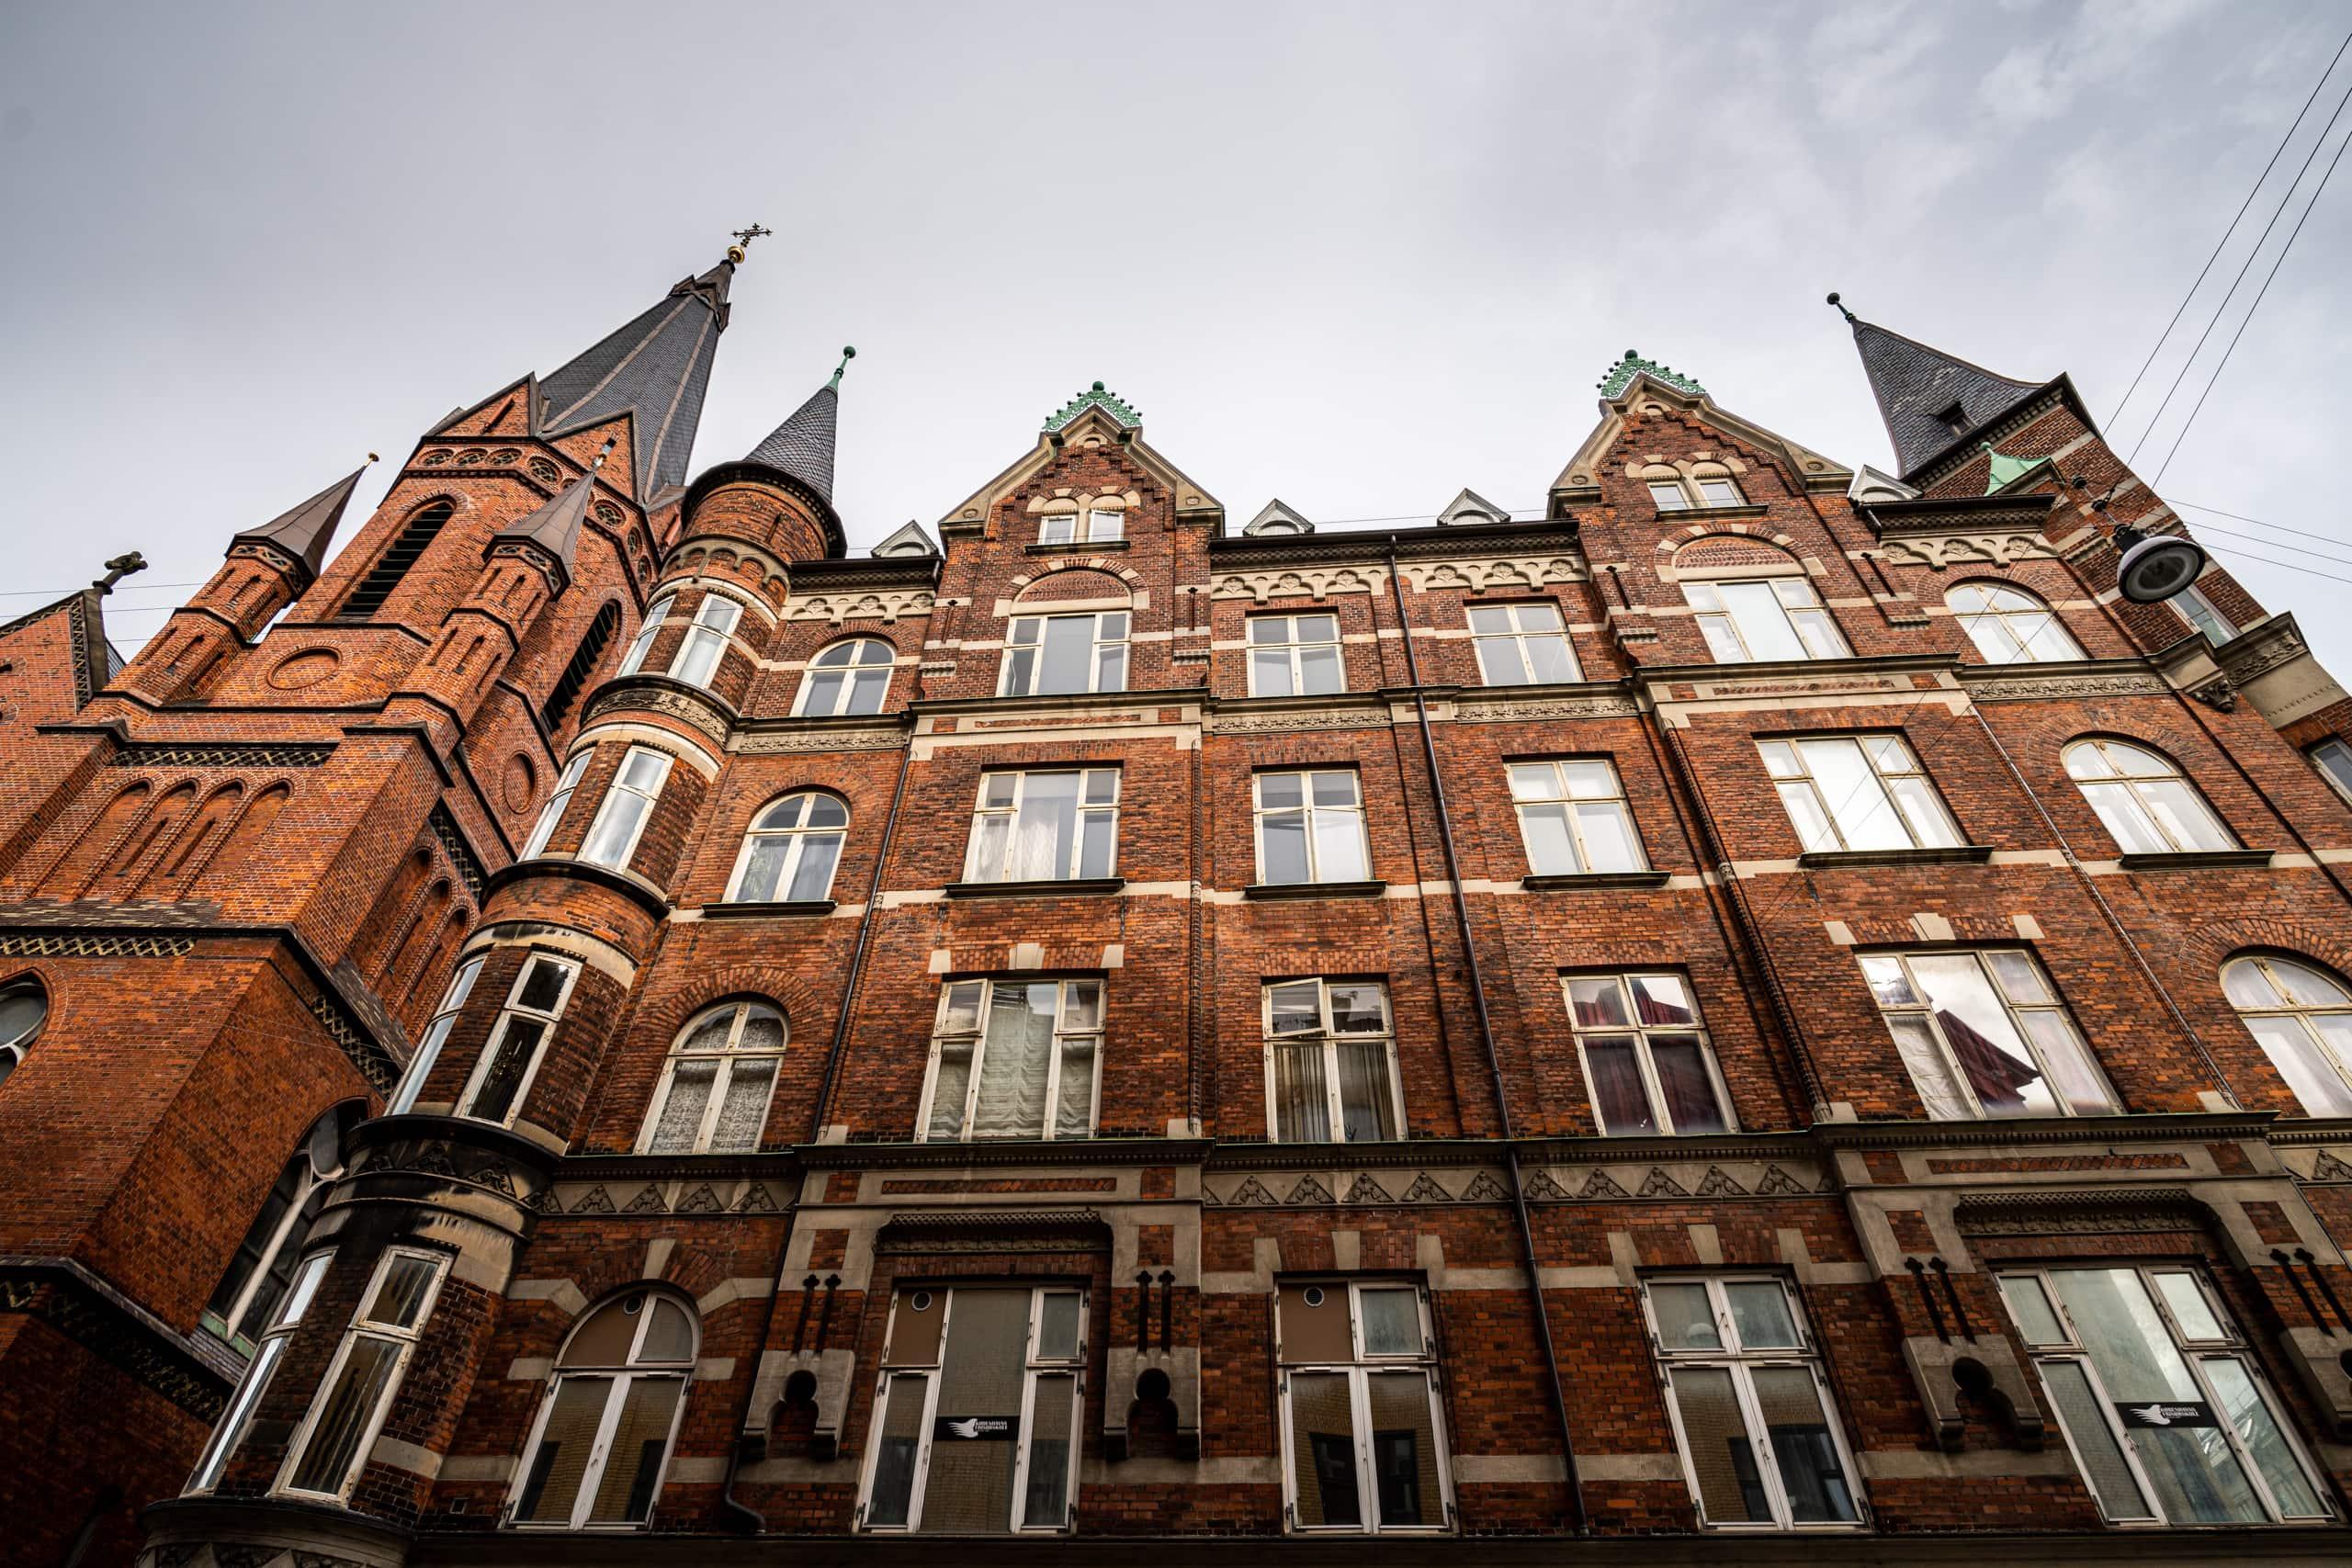 Architecture of Copenhagen